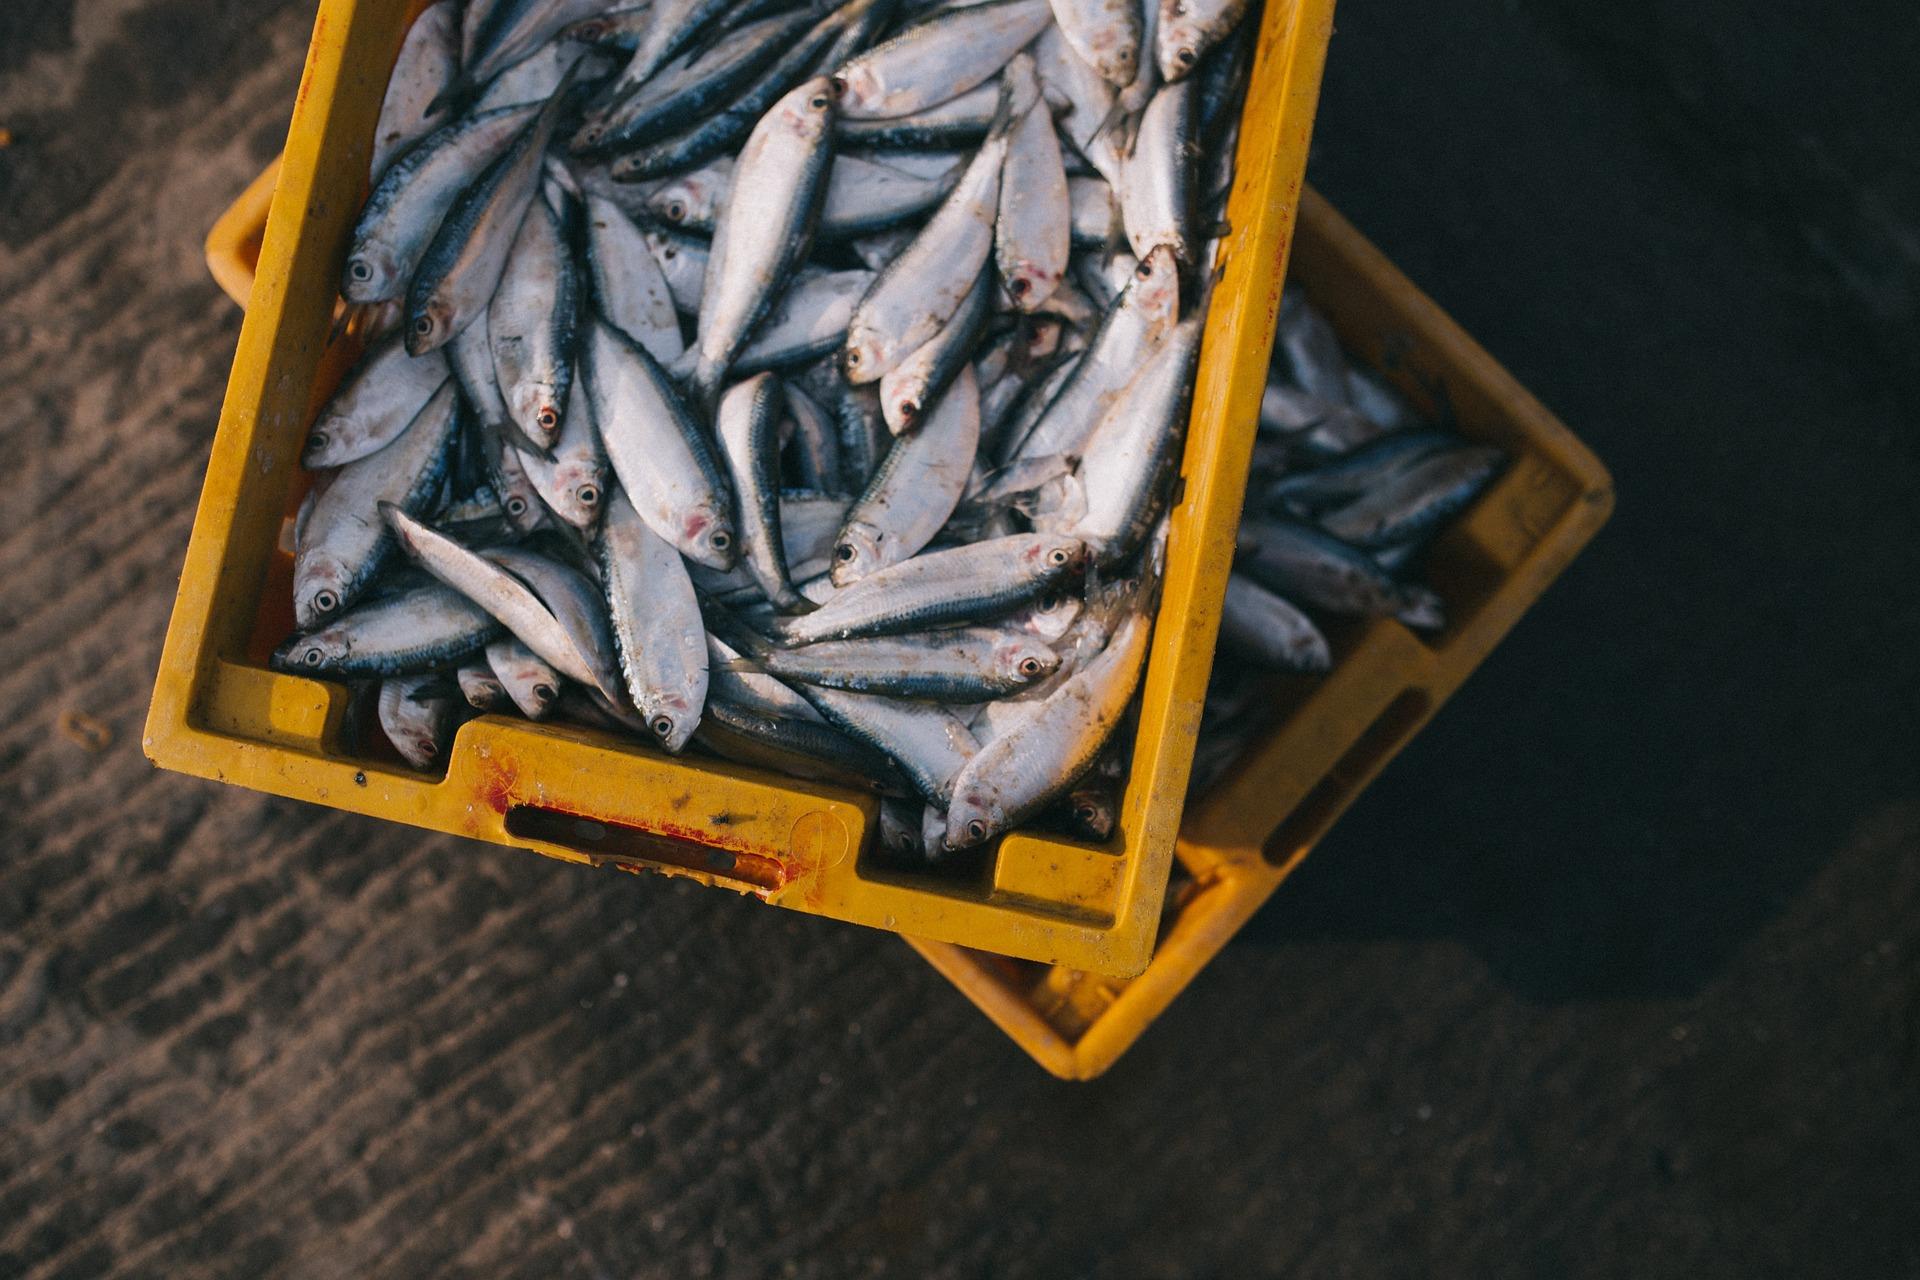 mariscos, pescados contaminados